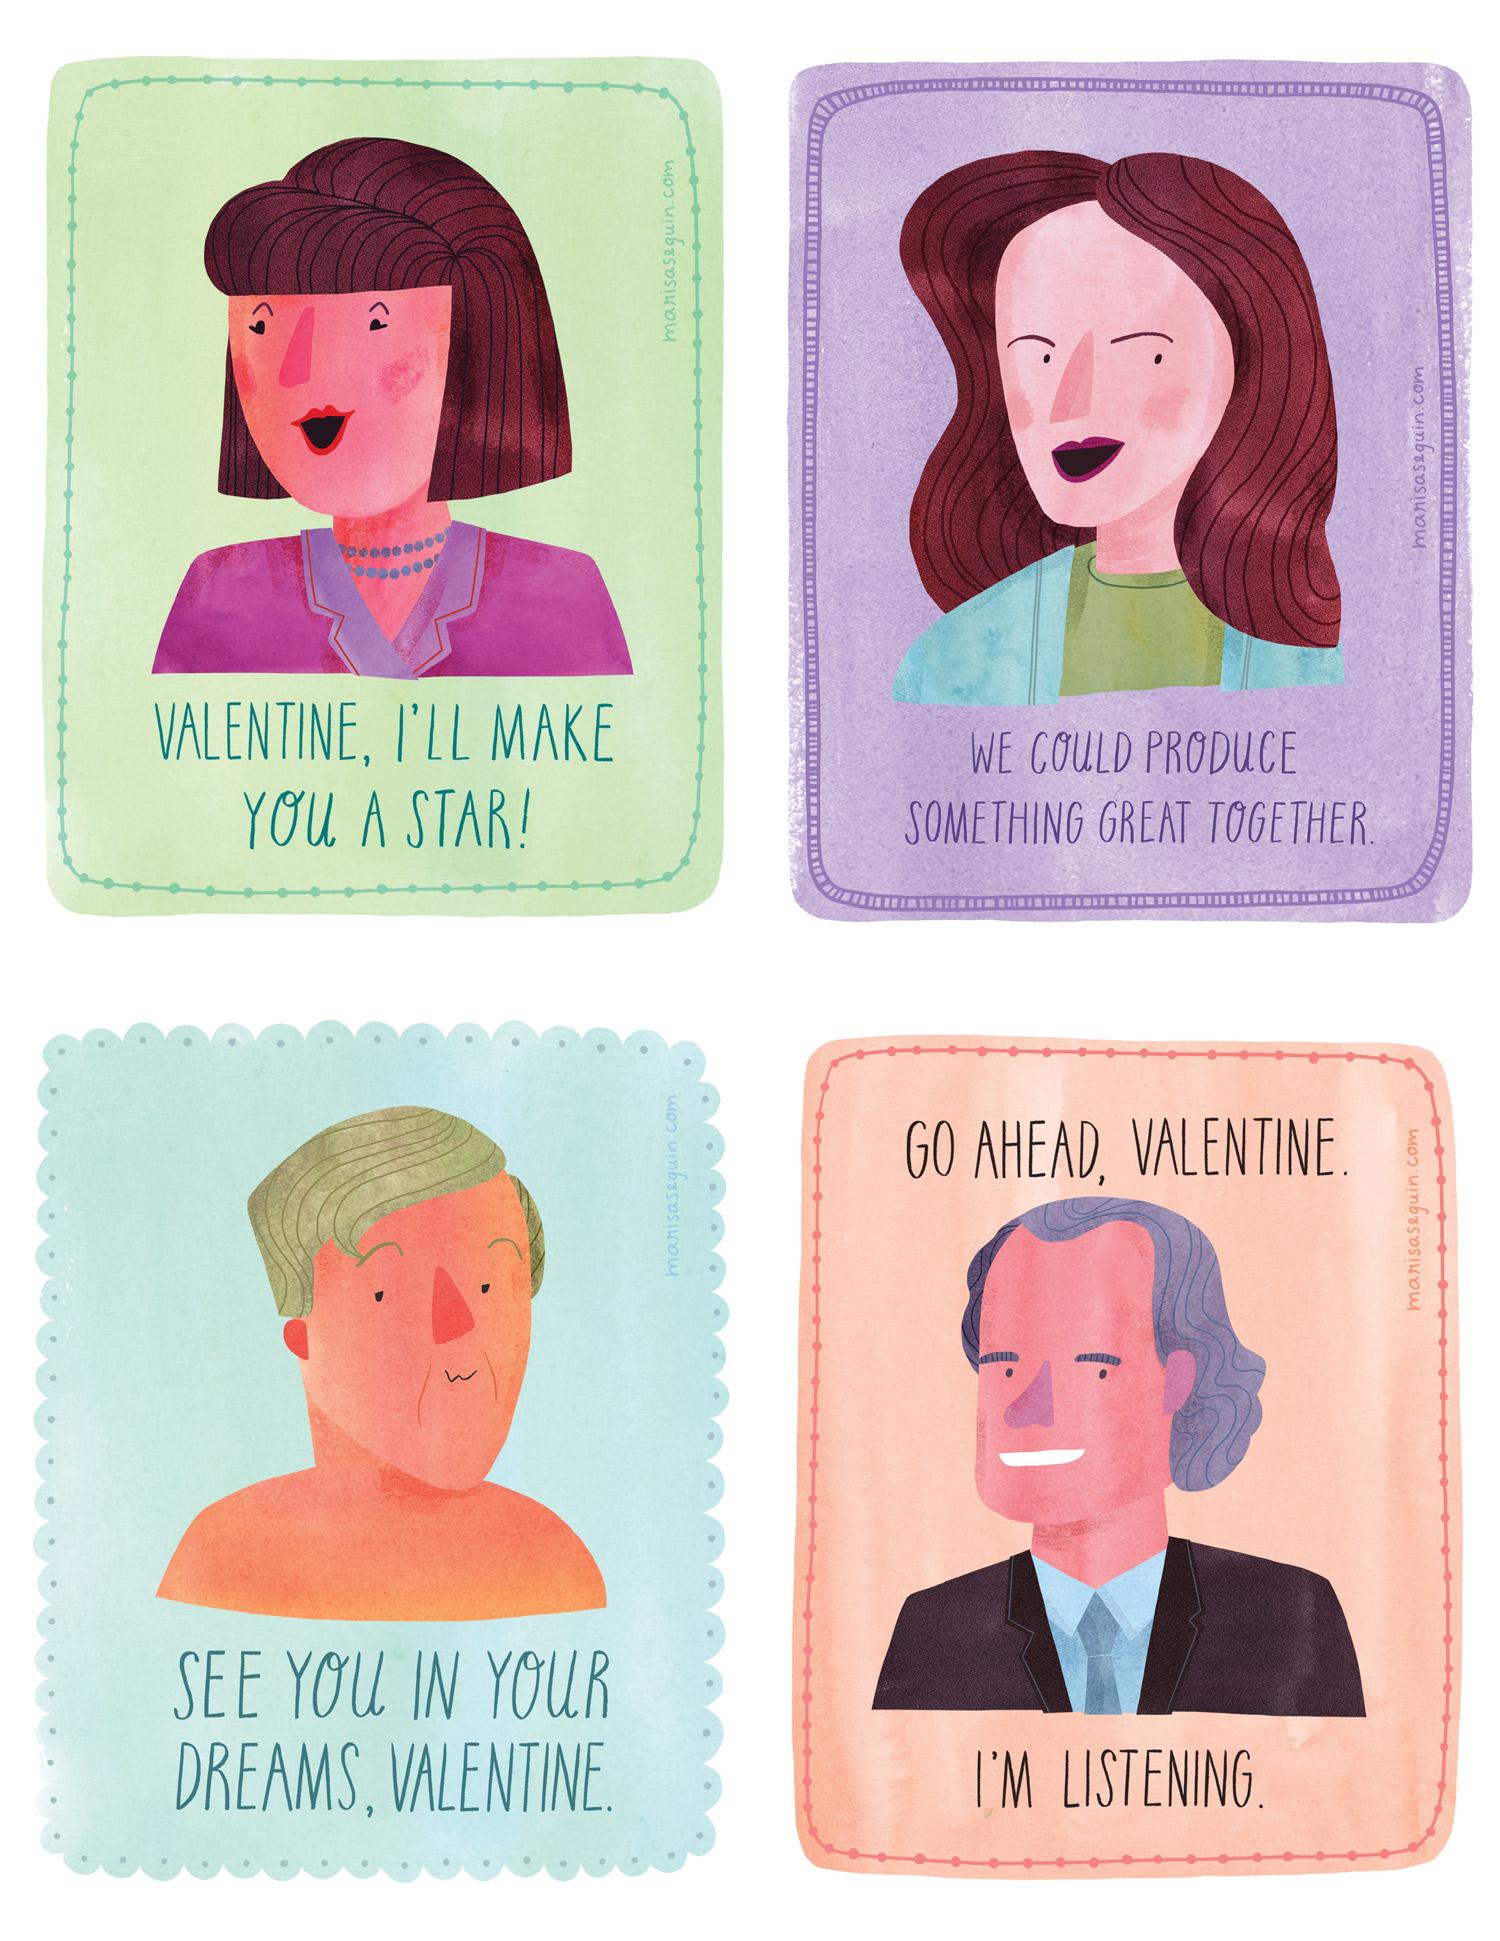 valentinesheet1.jpg